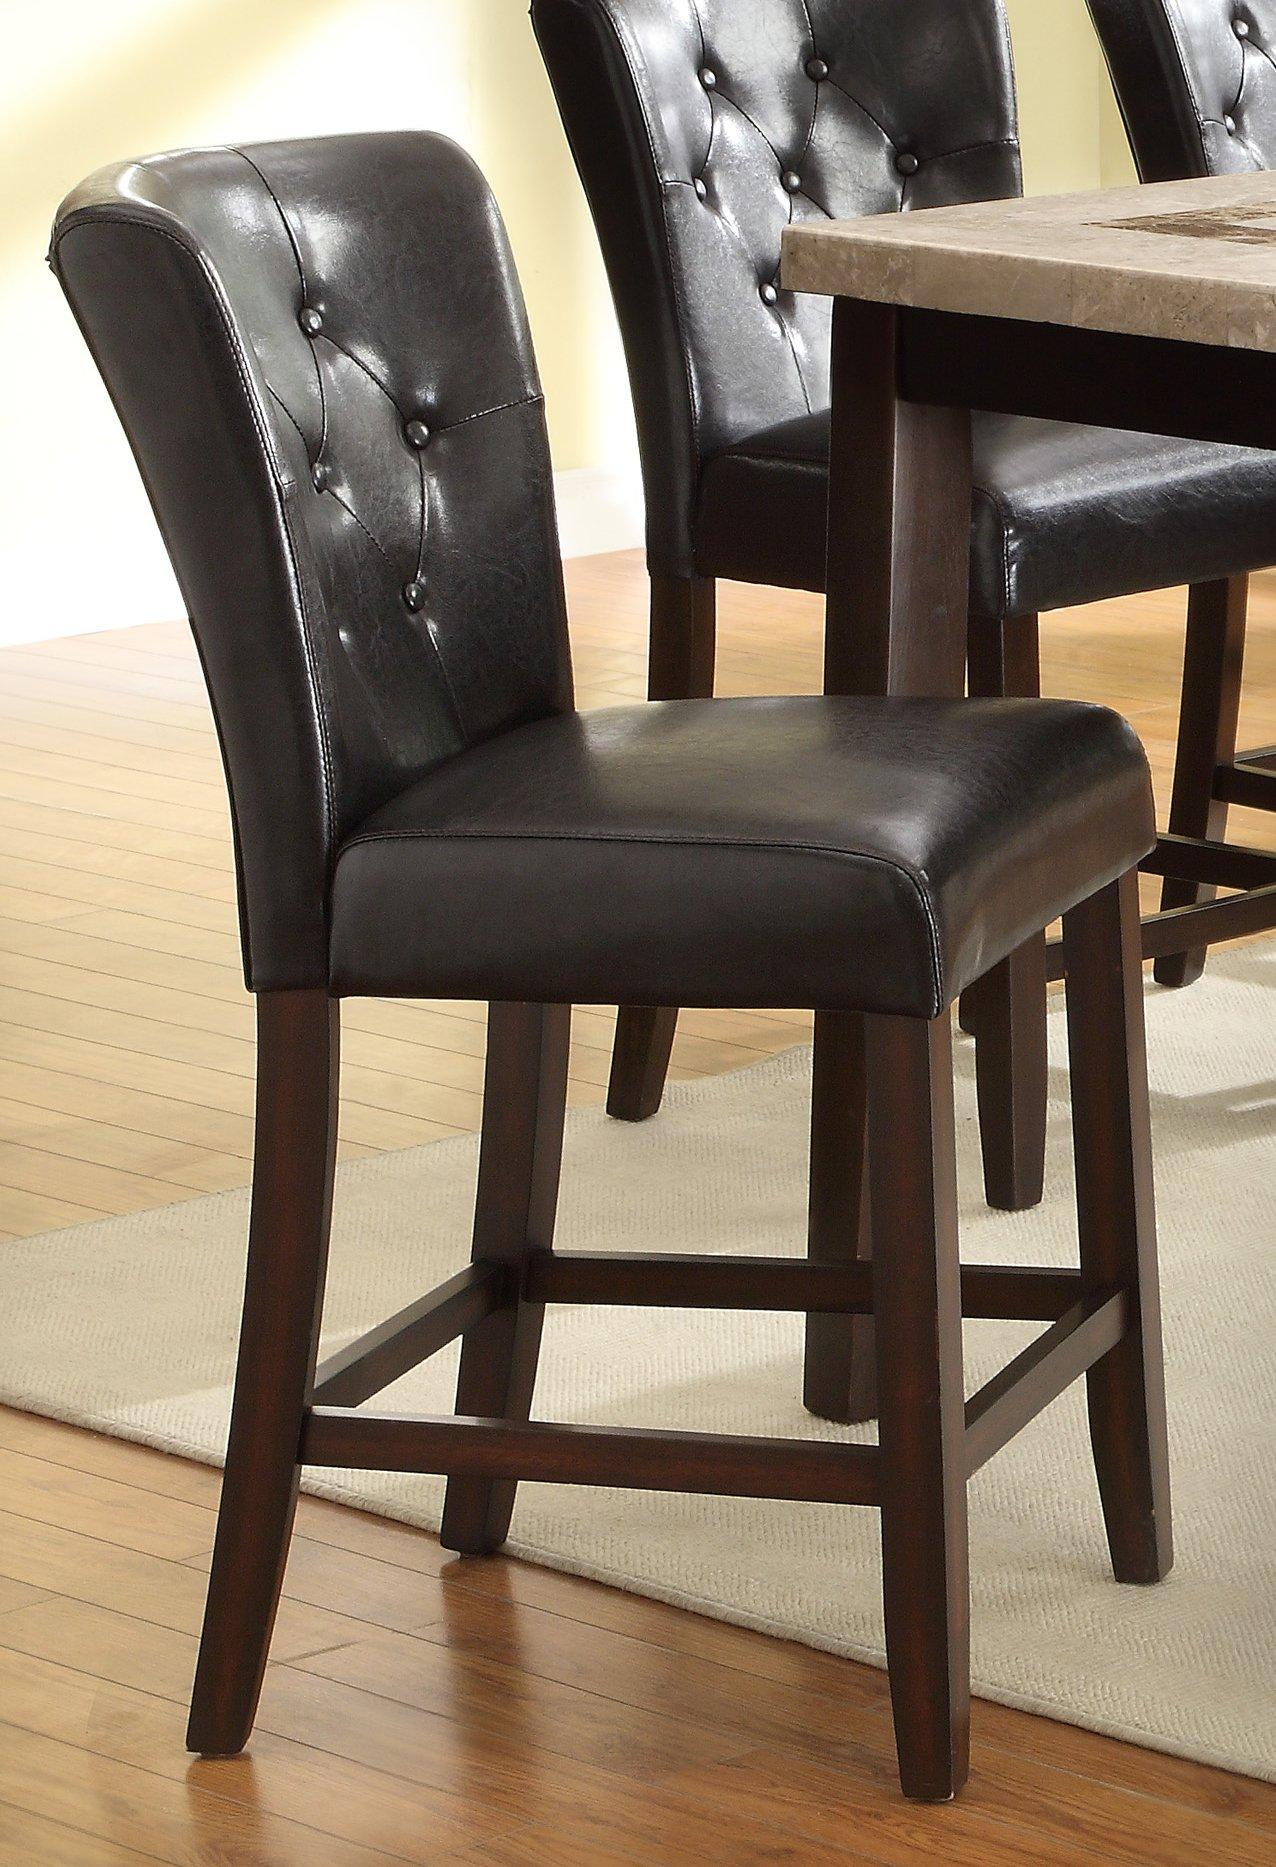 Espresso Contemporary 5 Piece Counter Height Dining Set